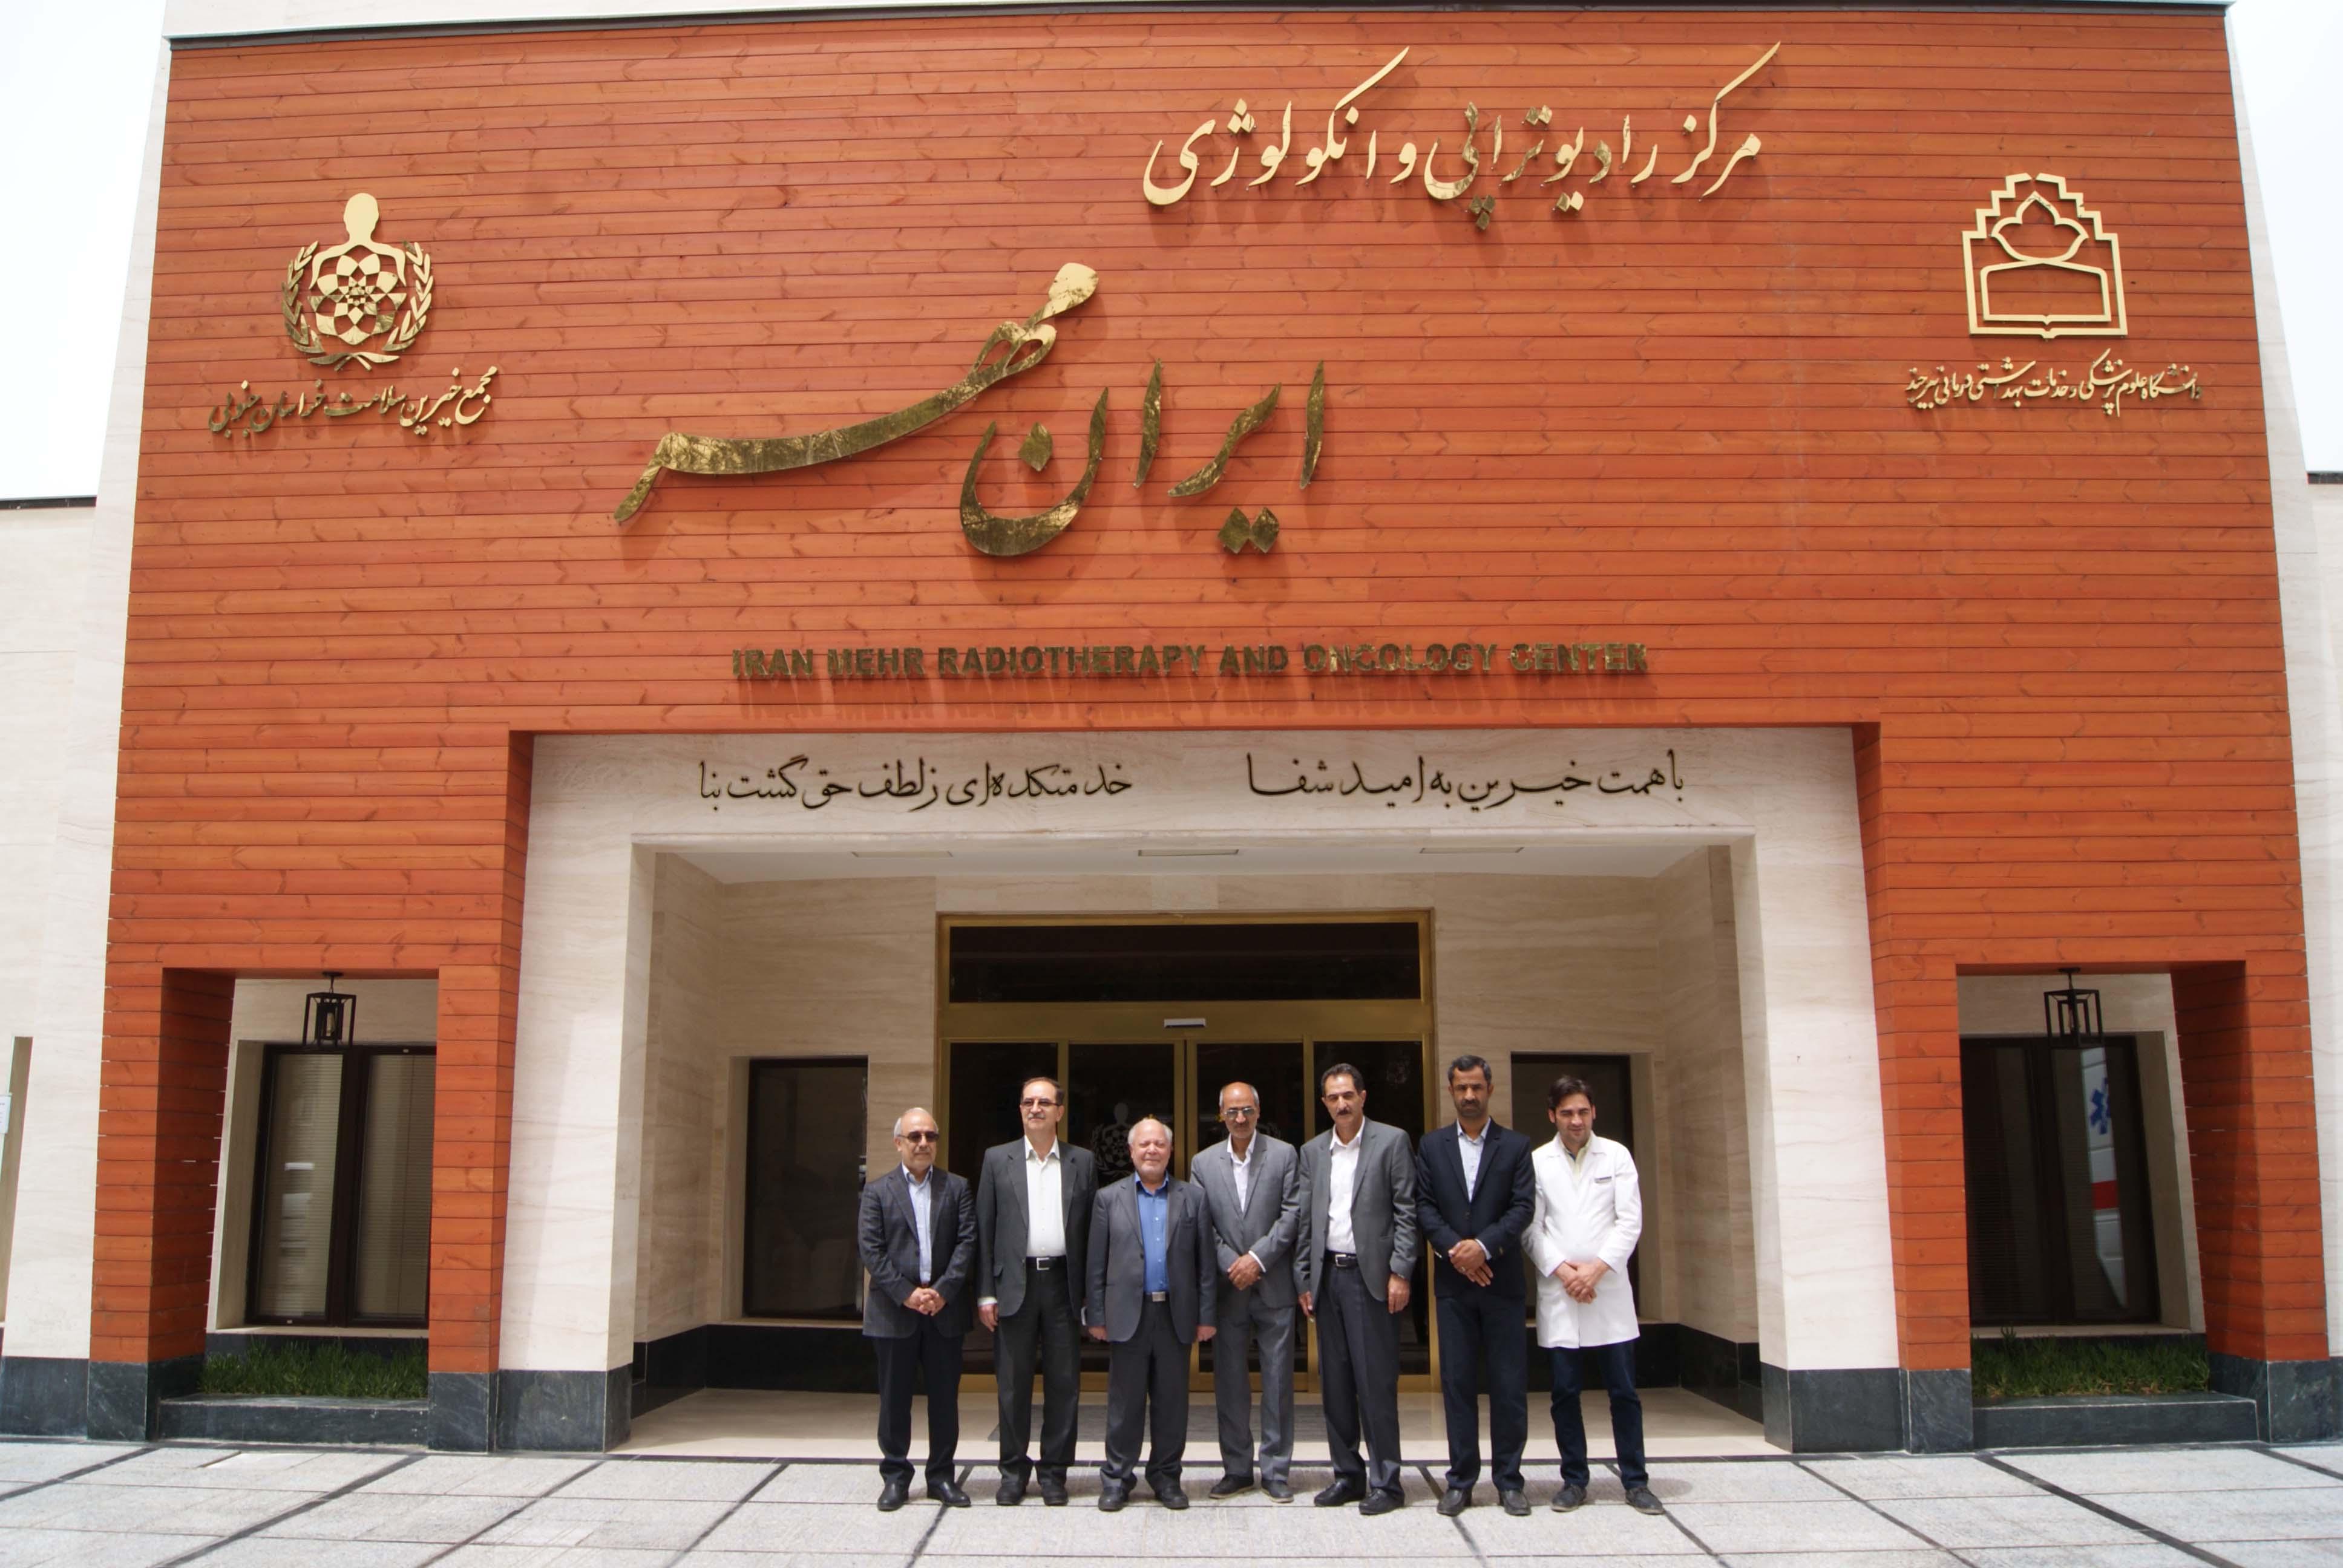 بازدید مشاور محترم وزیر بهداشت ازبیمارستان ایران مهر